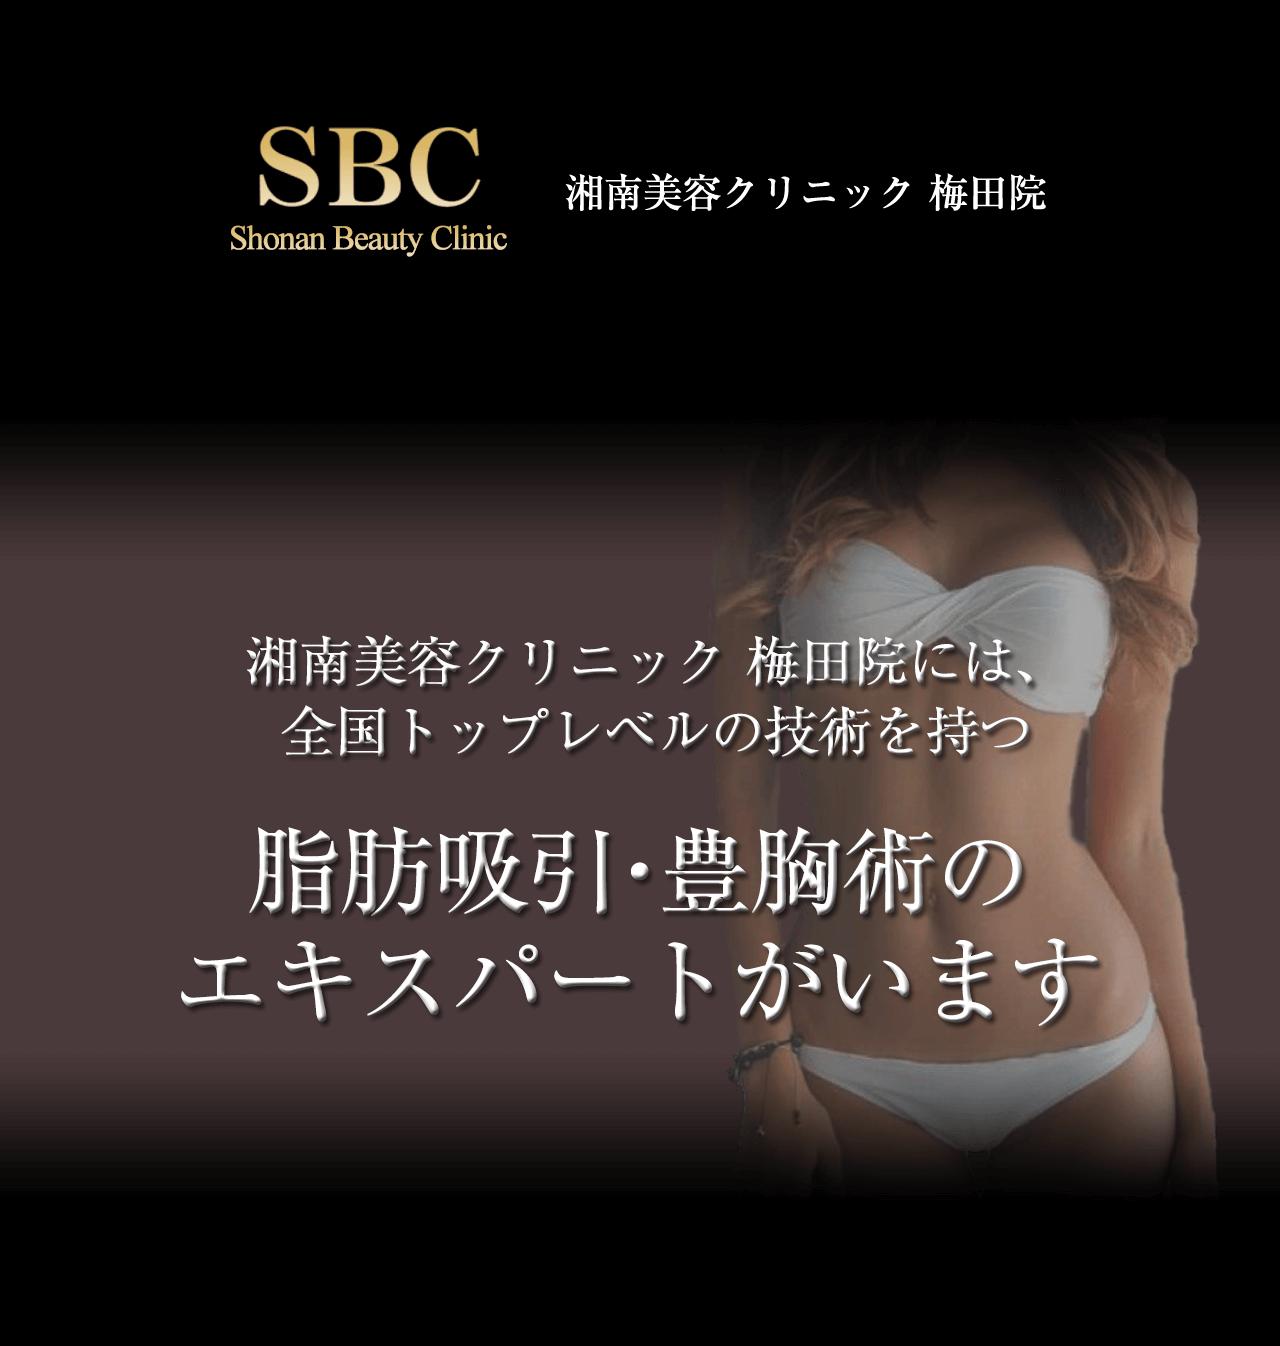 湘南美容クリニック 梅田院には全国トップレベルの技術を持つ脂肪吸引・豊胸術のエキスパートがいます